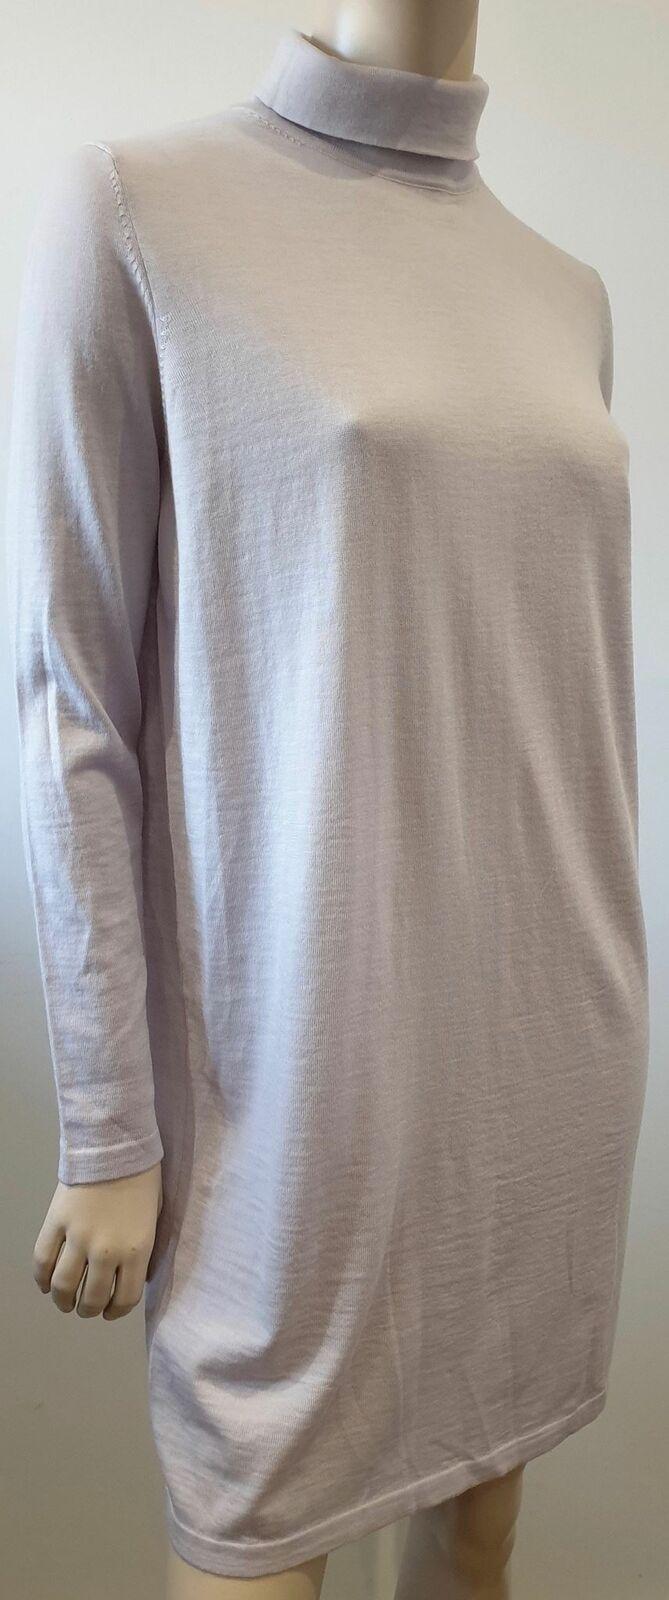 COS COS COS grigio pallido OYSTER 100% lana con collo in stile polo di alta a manica lunga fine Maglione Abito Lavorato a Maglia 04eb0f